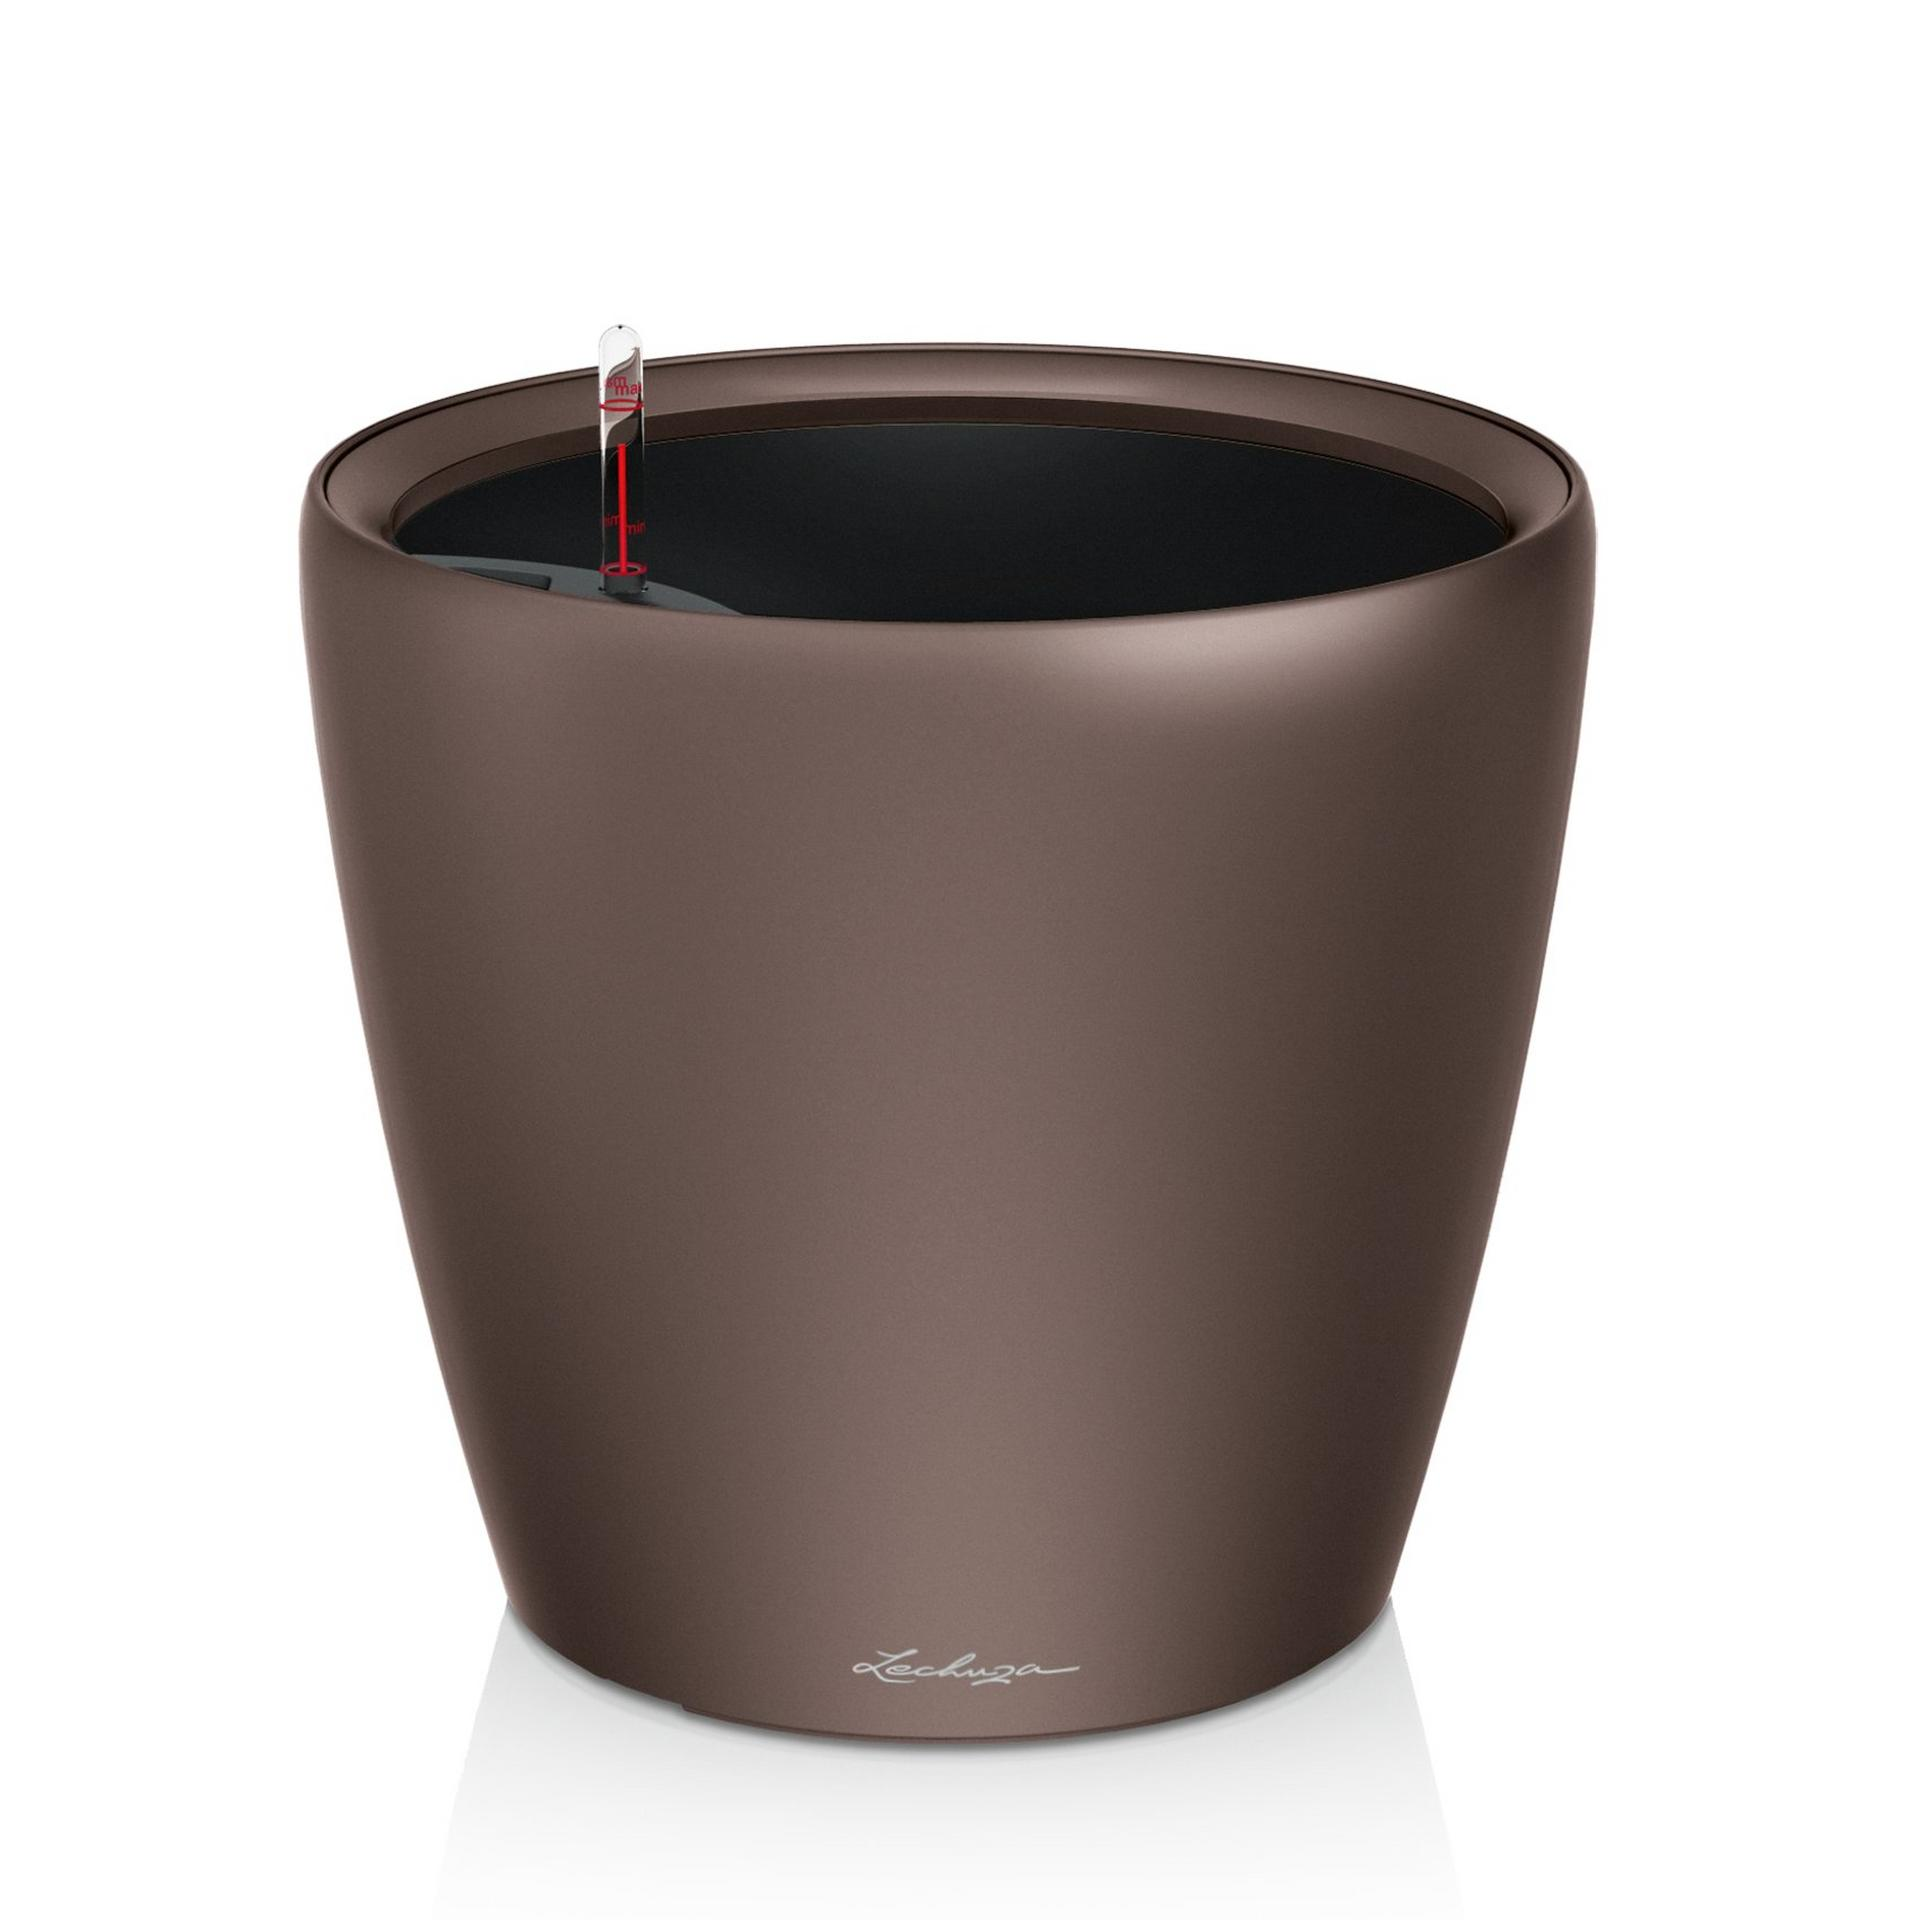 CLASSICO LS 50 espresso metallic